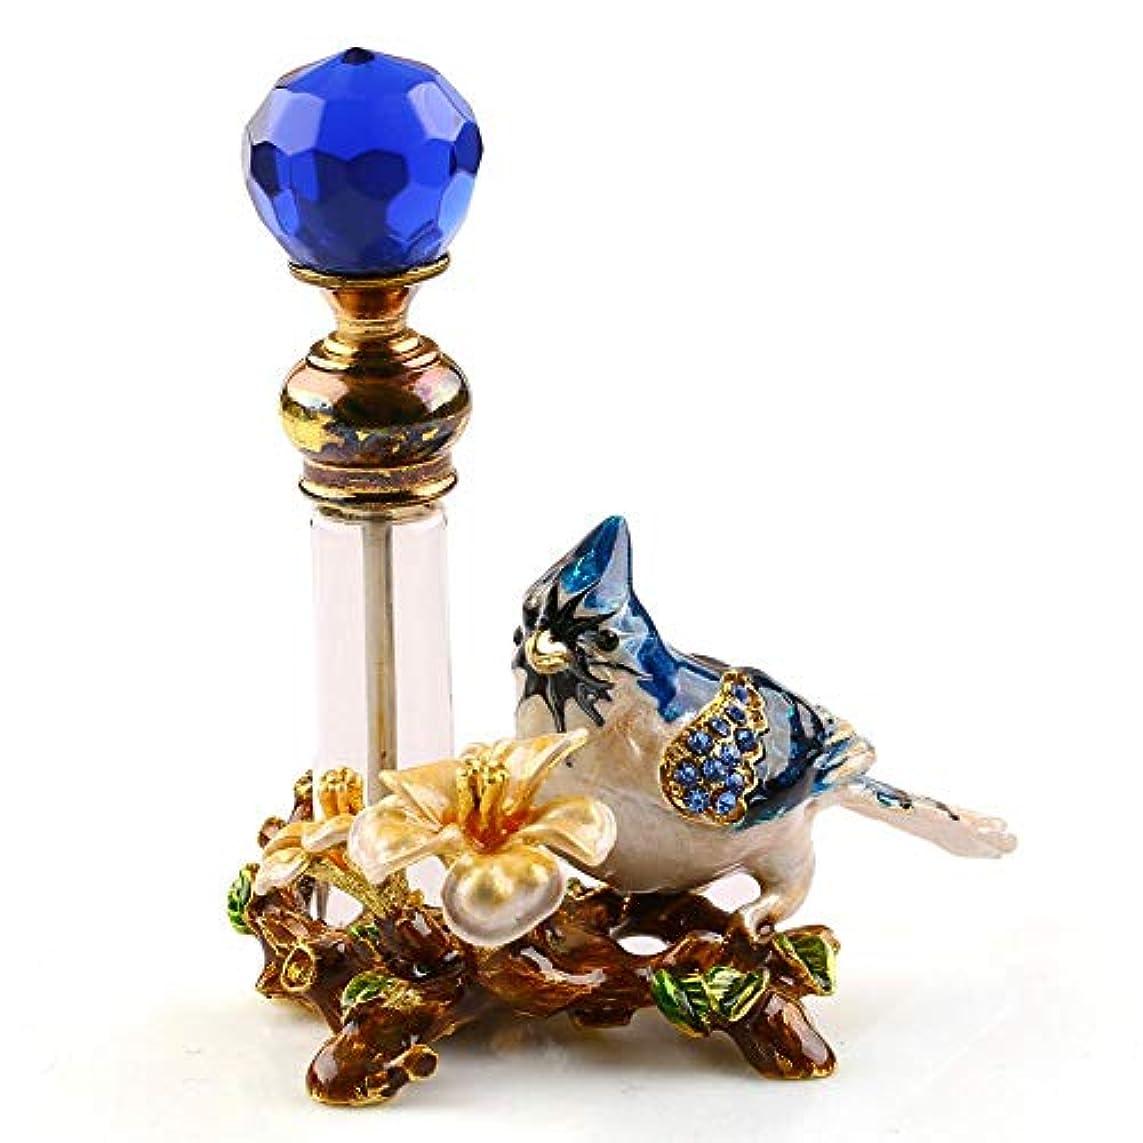 岸ペルソナ下線VERY100 高品質 美しい香水瓶 4ML アロマボトル 綺麗アンティーク風 鳥と花 詰替用ボトル 空き プレゼント 結婚式 飾り